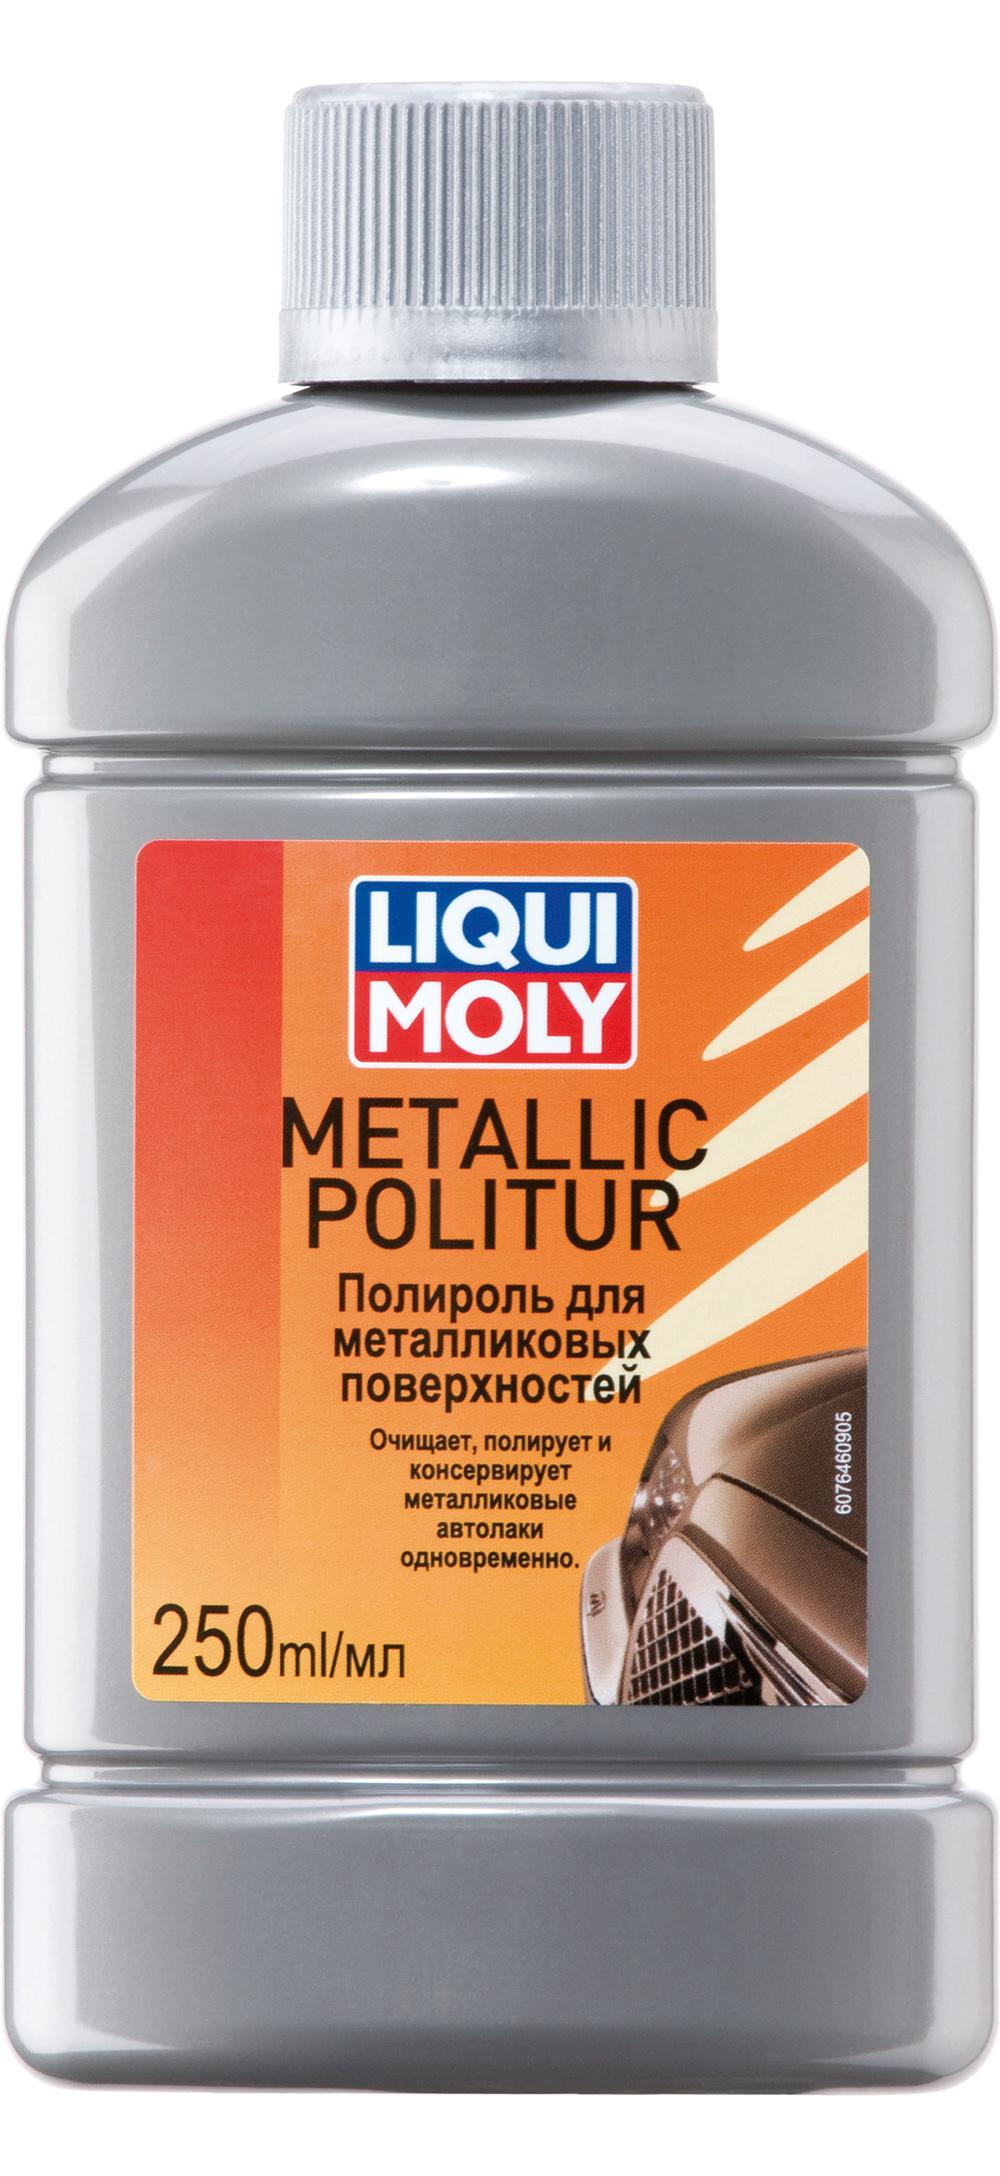 Полироль для металликовых поверхностей Metallic Politur